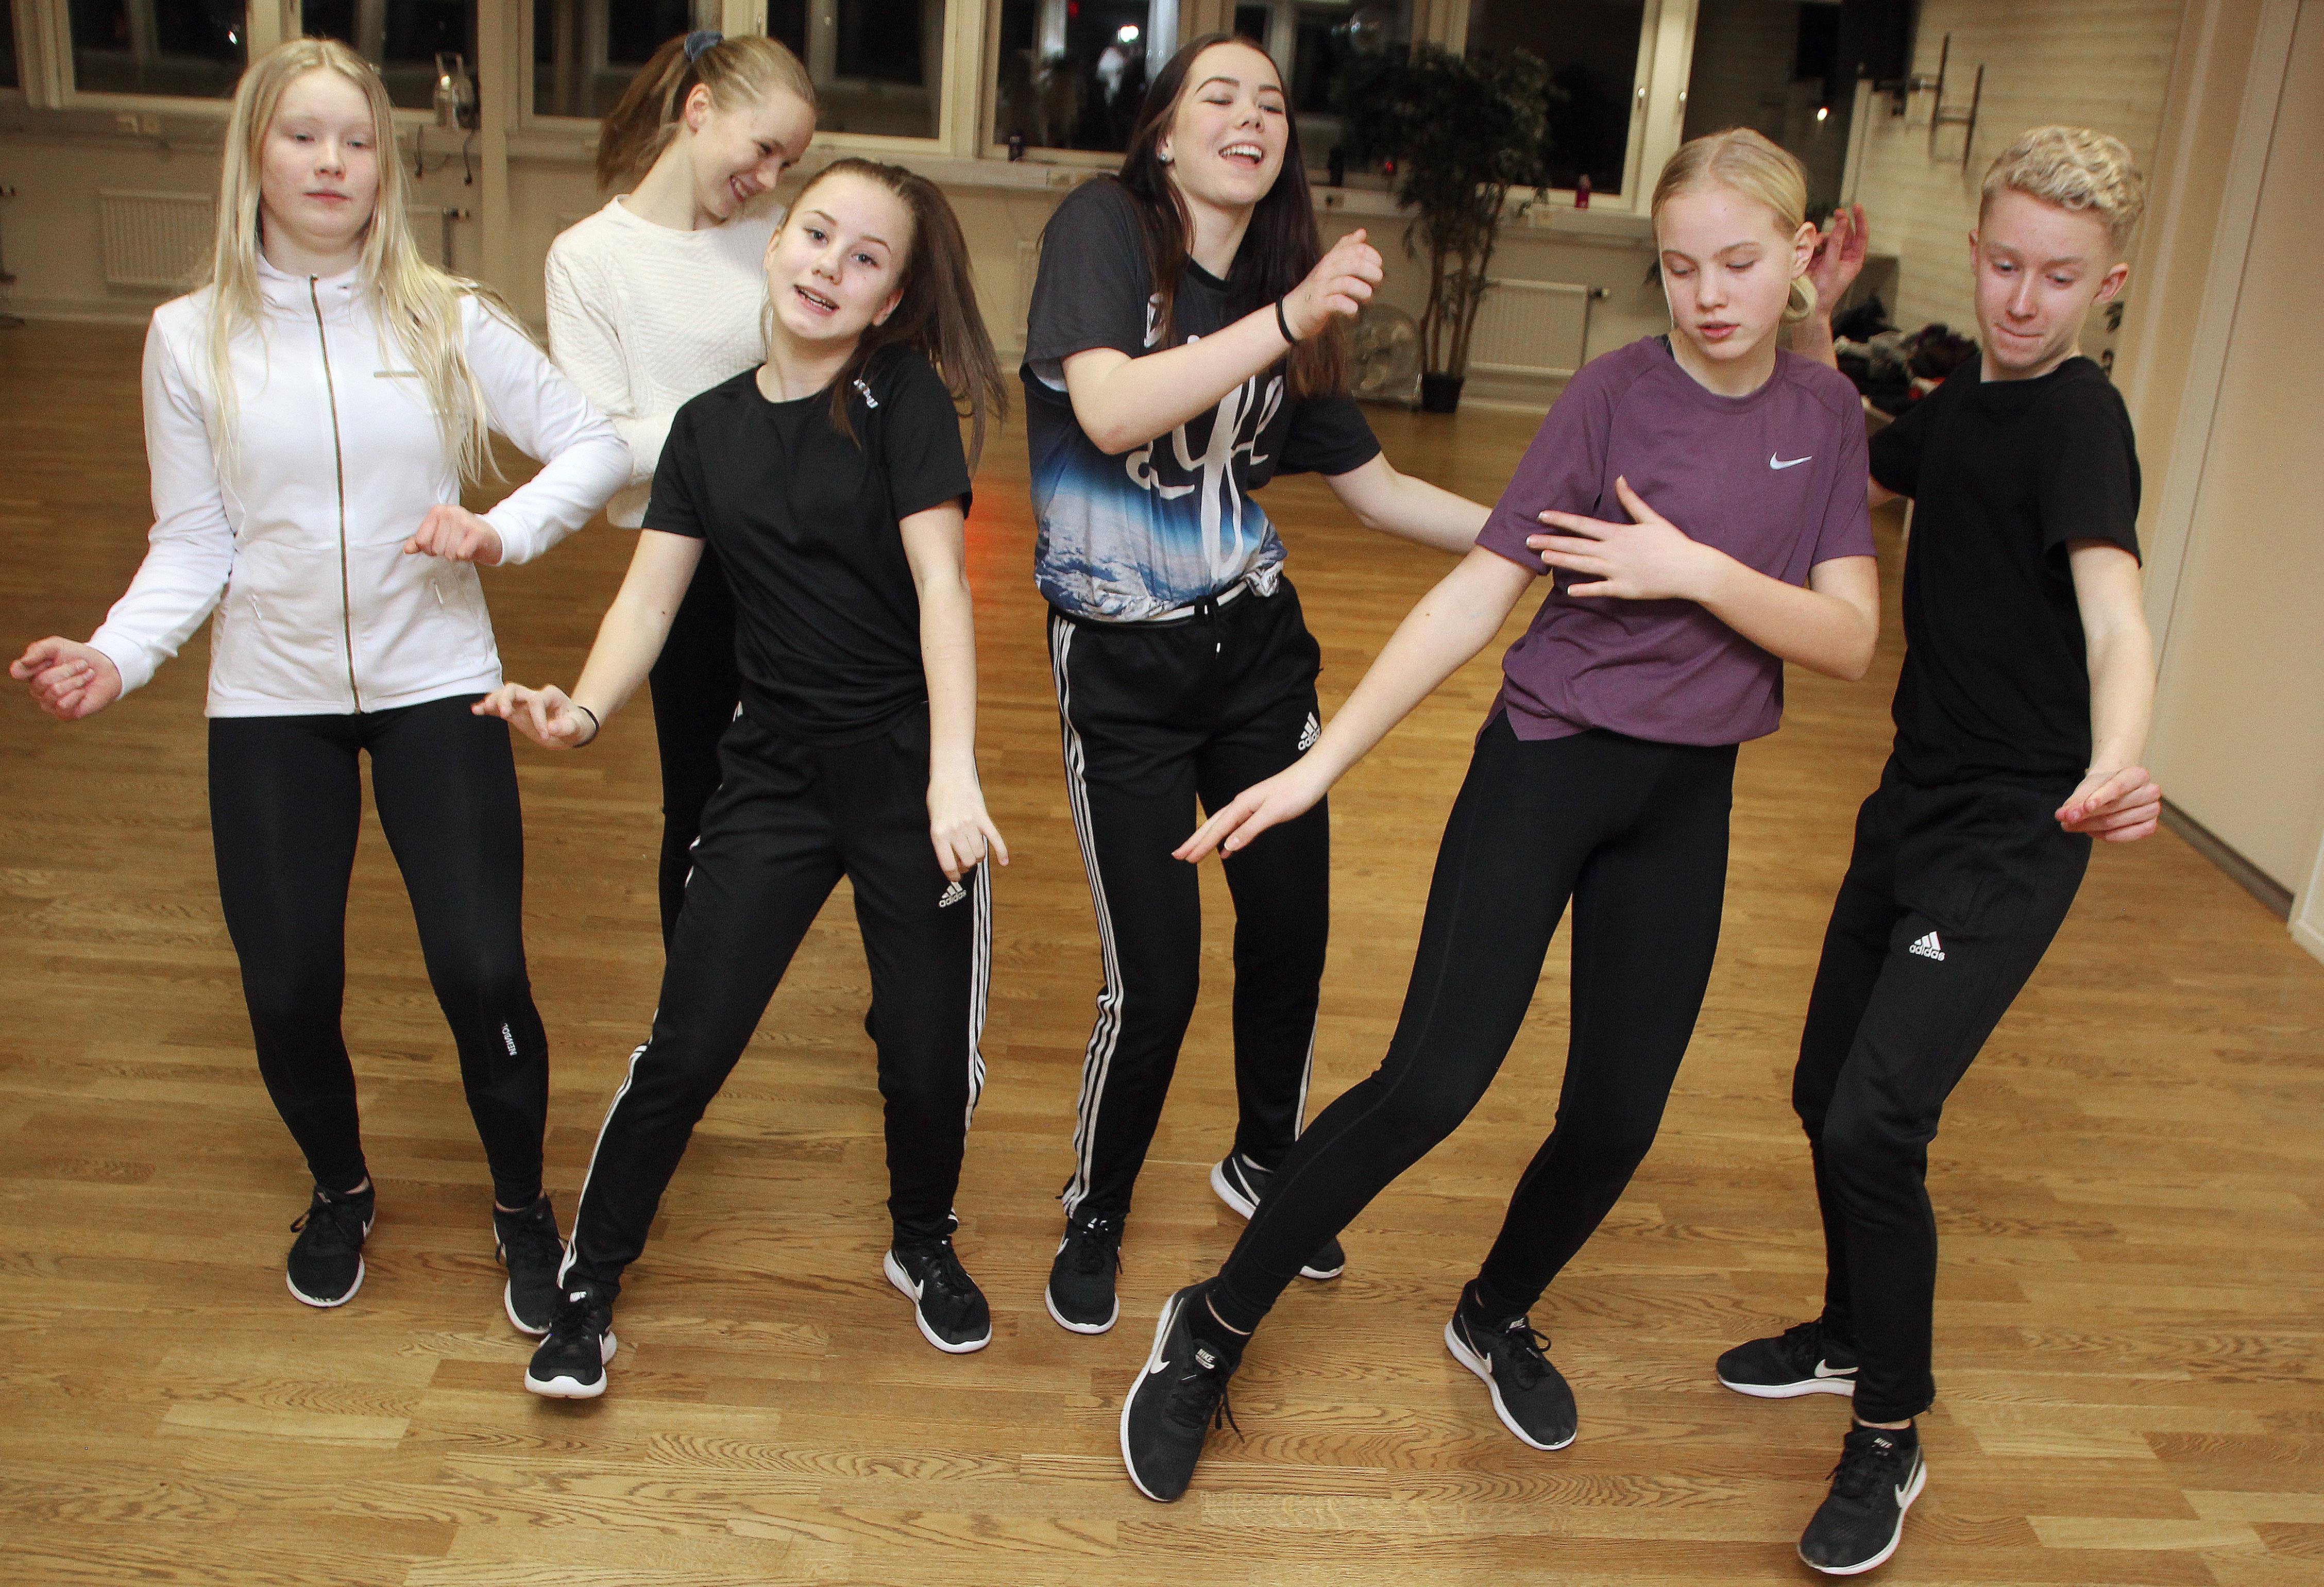 Hela satsningen på Talang har givit motivation att fortsätta träna och tävla, tycker hiphop-dansarna i Kurbits-crew, från vänster: Matilda Eriksson, Lisa Andersson, Emilia Lamell, Eden Rickardsdotter, Leia Andersson och Alvin Sommar.